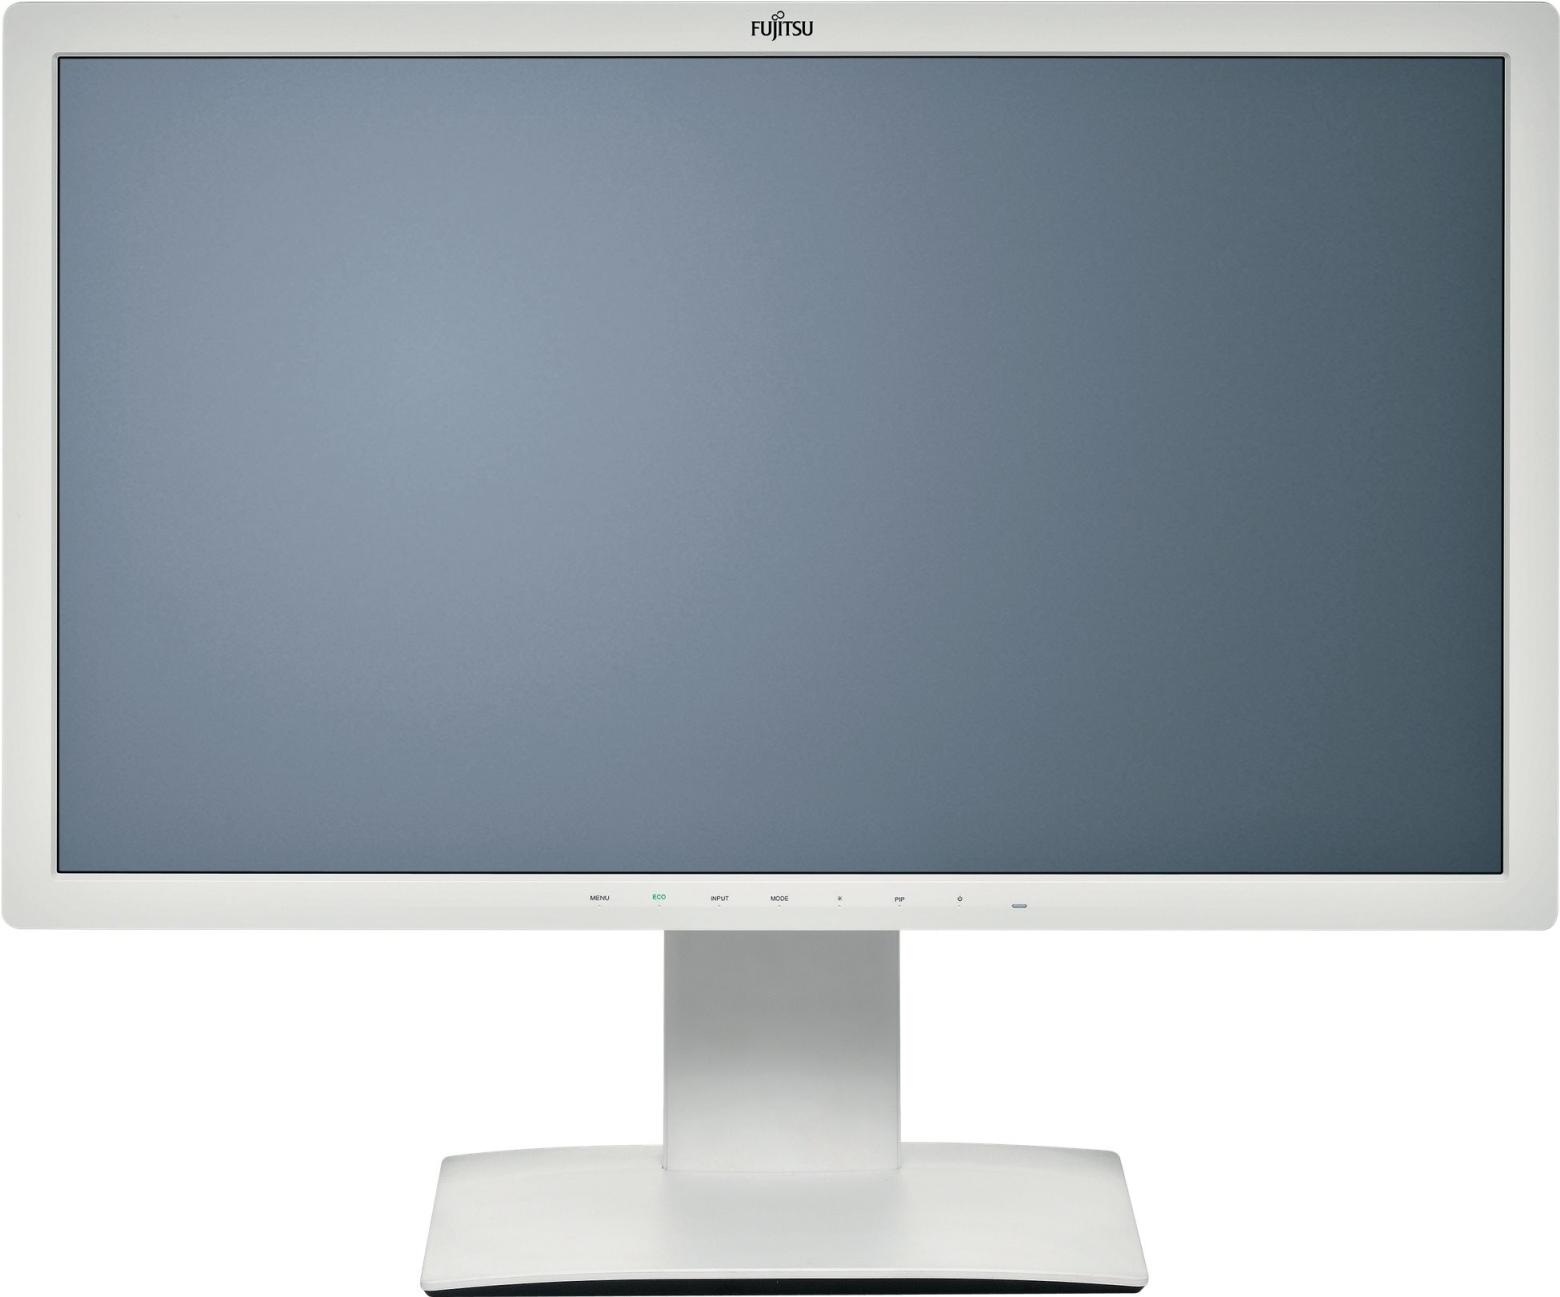 Fujitsu P27T-7 LED - Premium Line - LED-Monitor - UHD - IPS - 68,5cm - 3840x2160 - 5ms - 350 cd/m2 - 1000:1 - 5 ms - HDMI, DVI-D (S26361-K1564-V140)